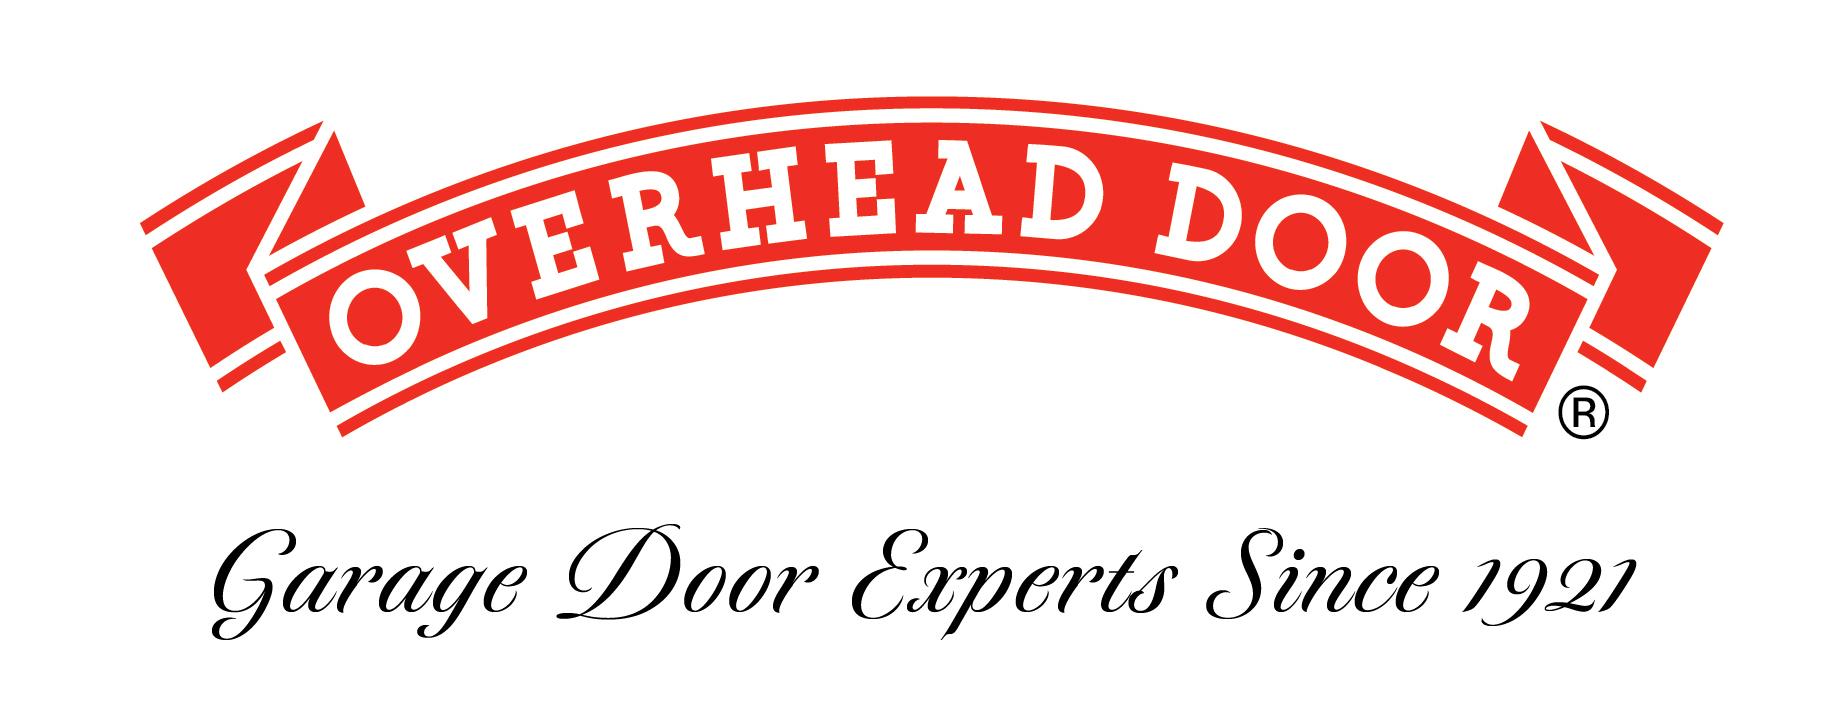 overhead doors client logo